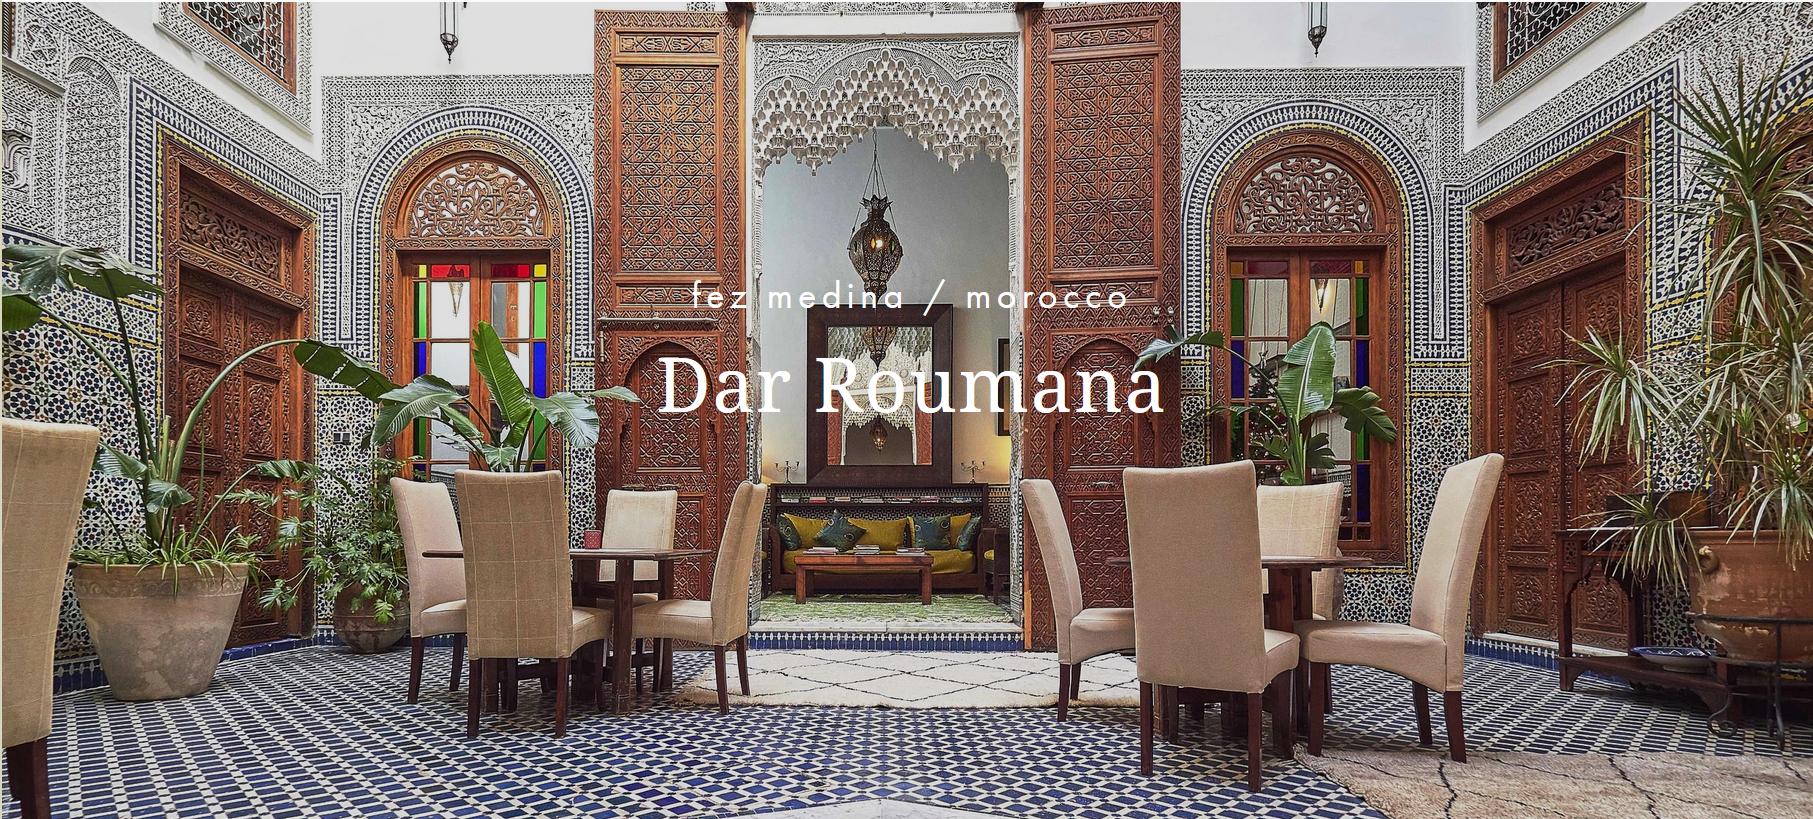 Dar Roumana.PNG